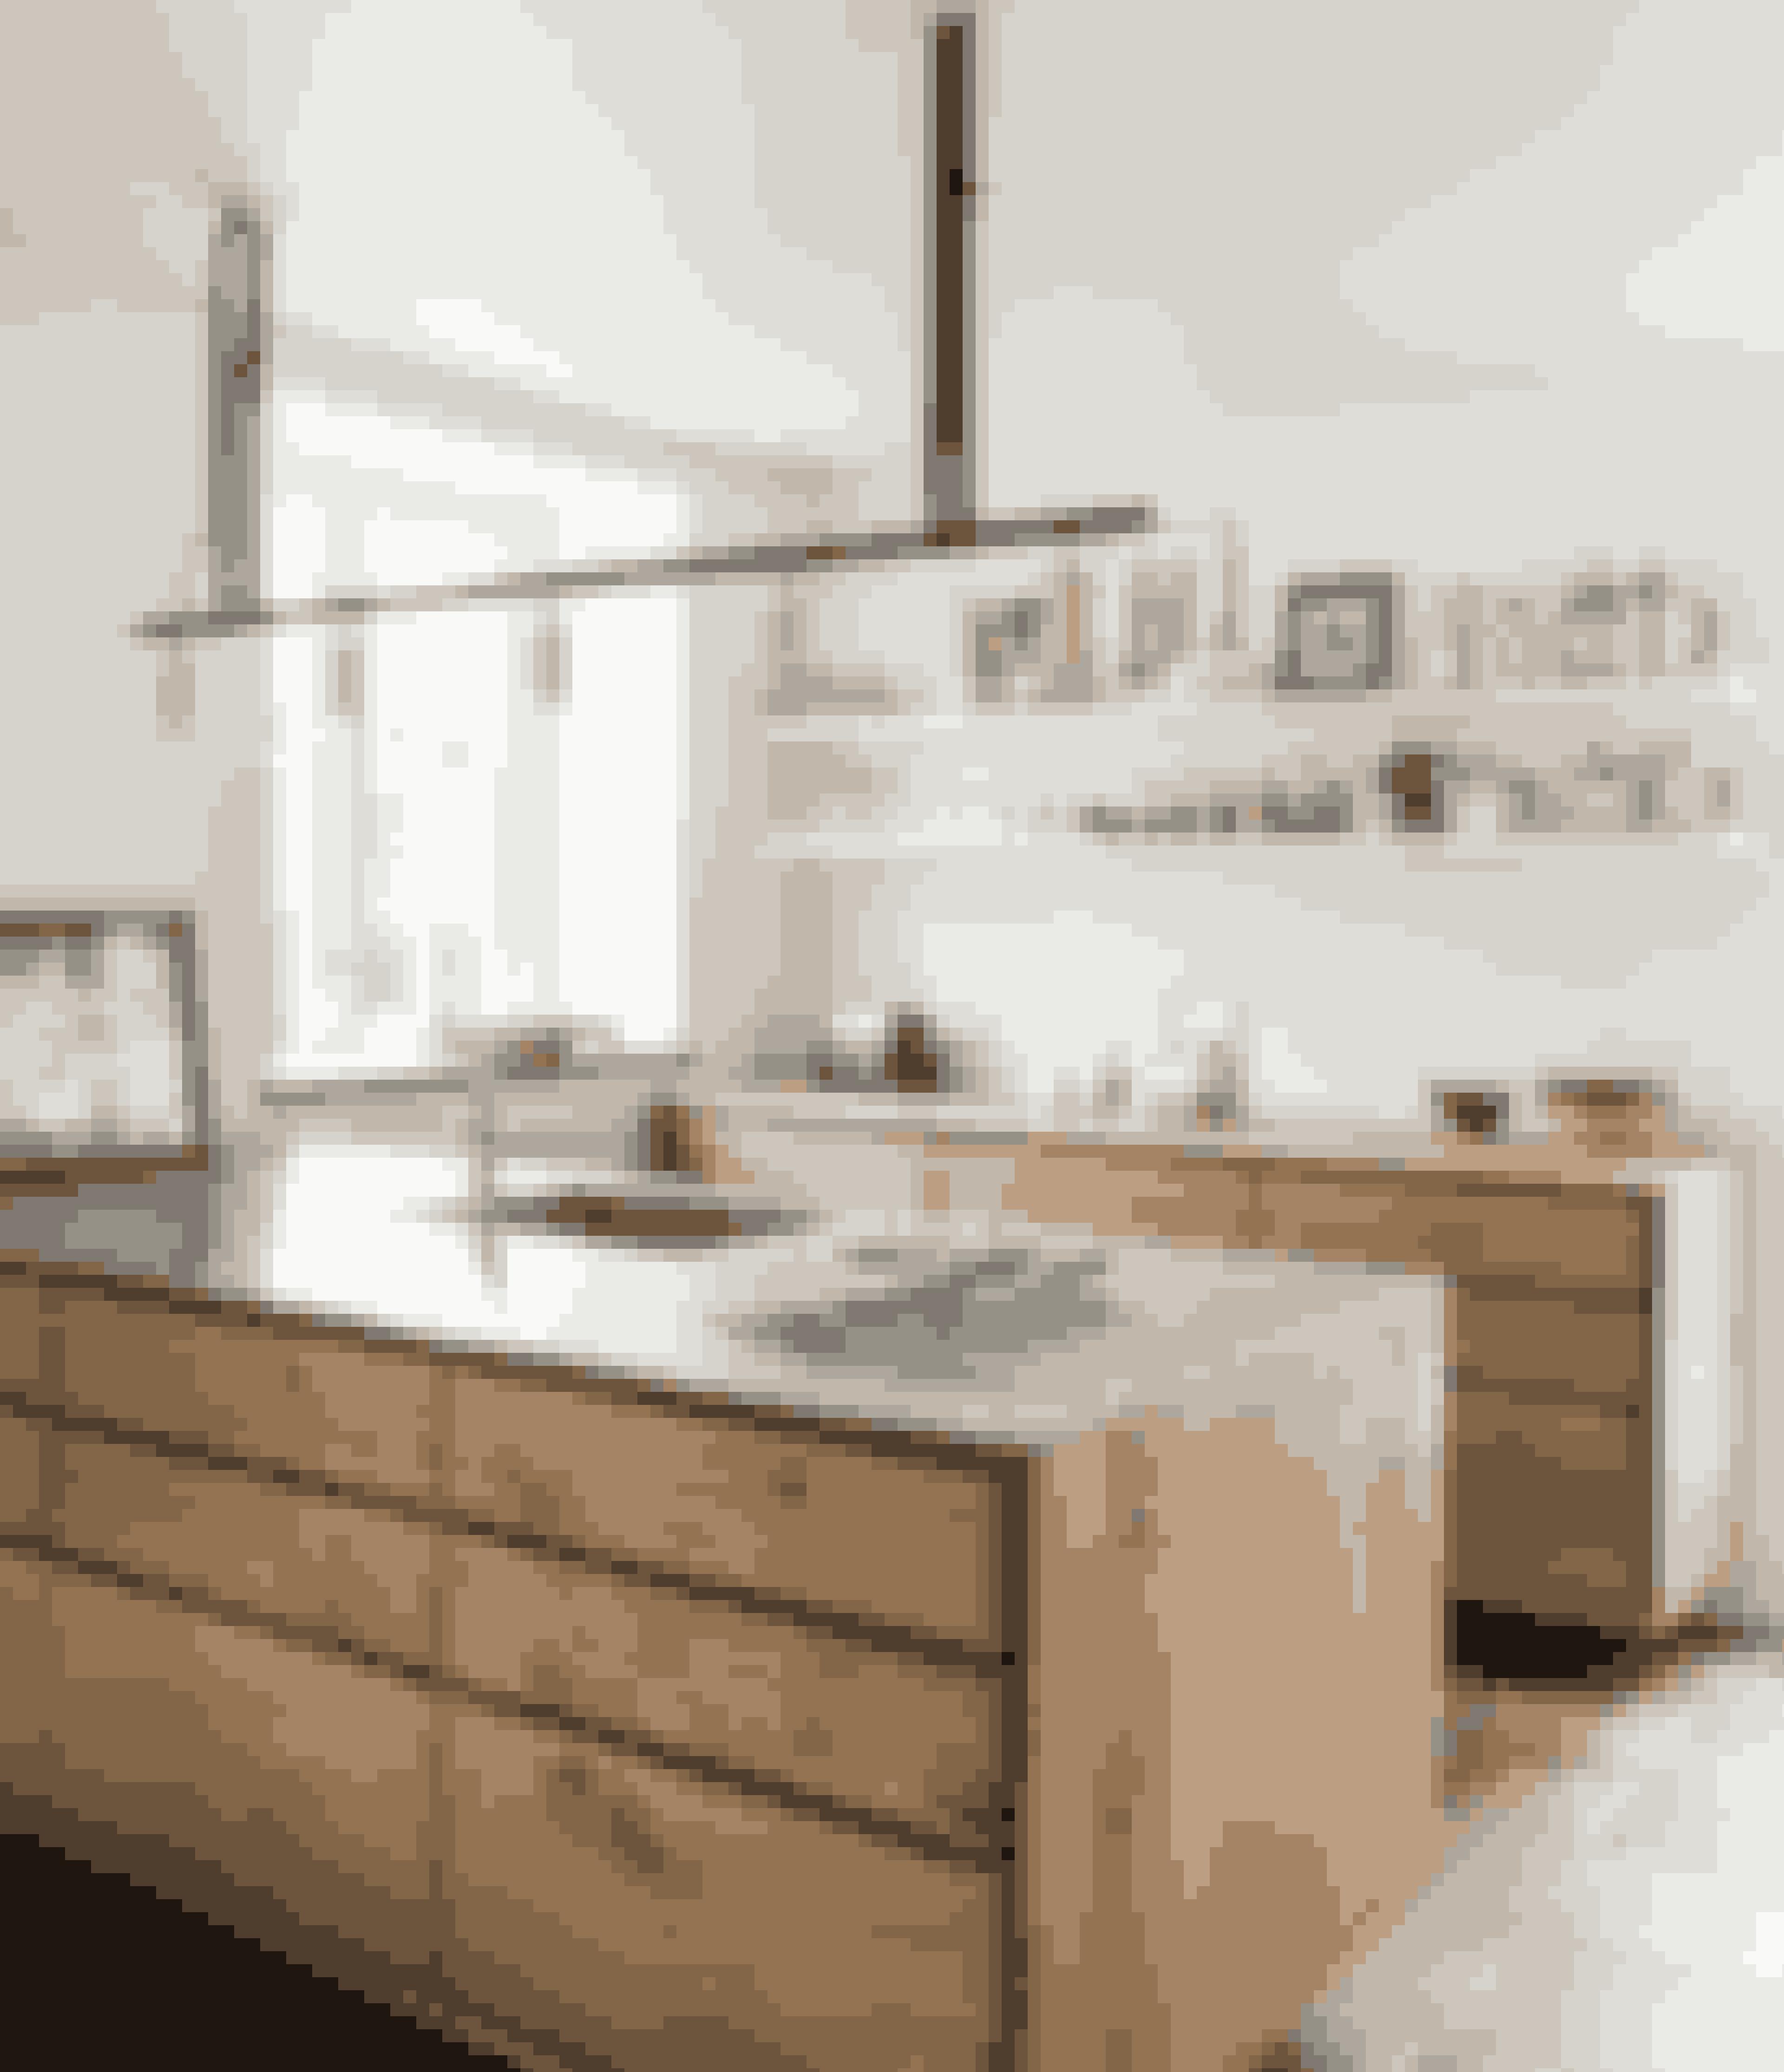 Er snedkerkøkkener lige noget for dig, vil du sikkert synes om dette, hvor de mange træelementer har fået selskab af en bordplade af stål.